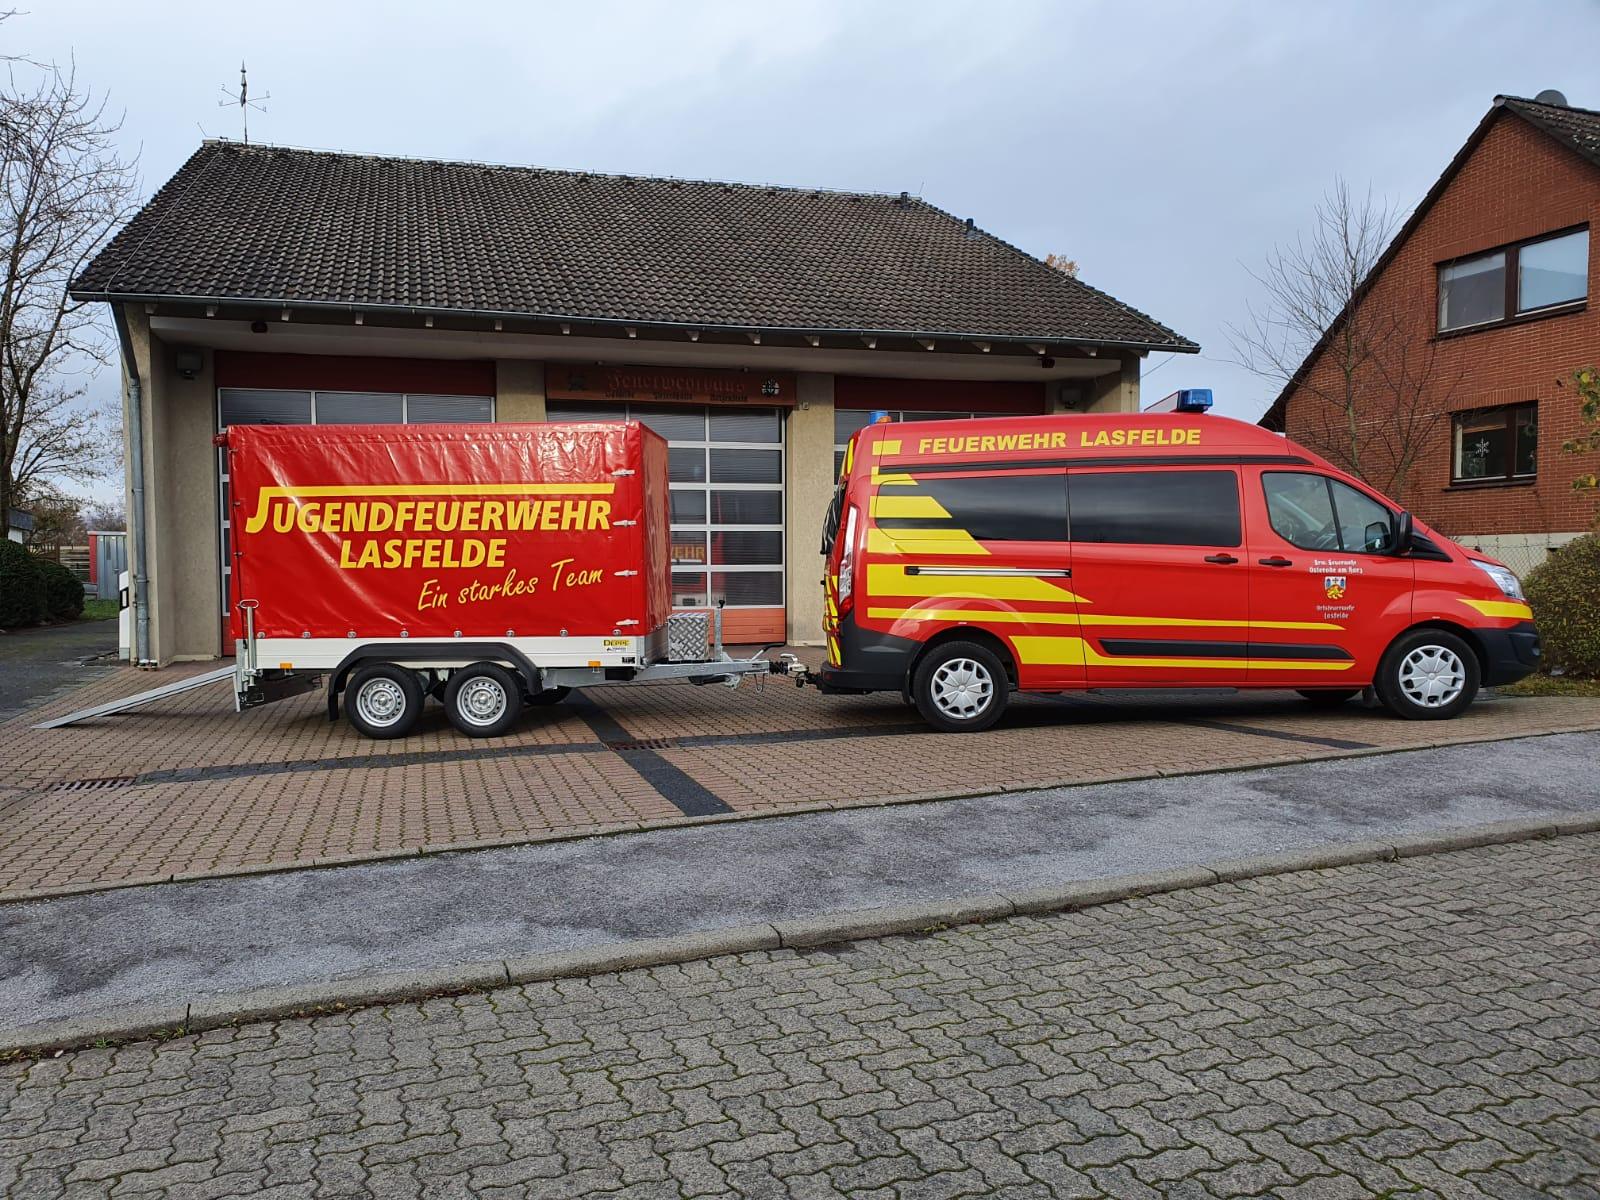 #0013 - MTW Feuerwehr Osterode Ortsfeuerwehr Lasfelde